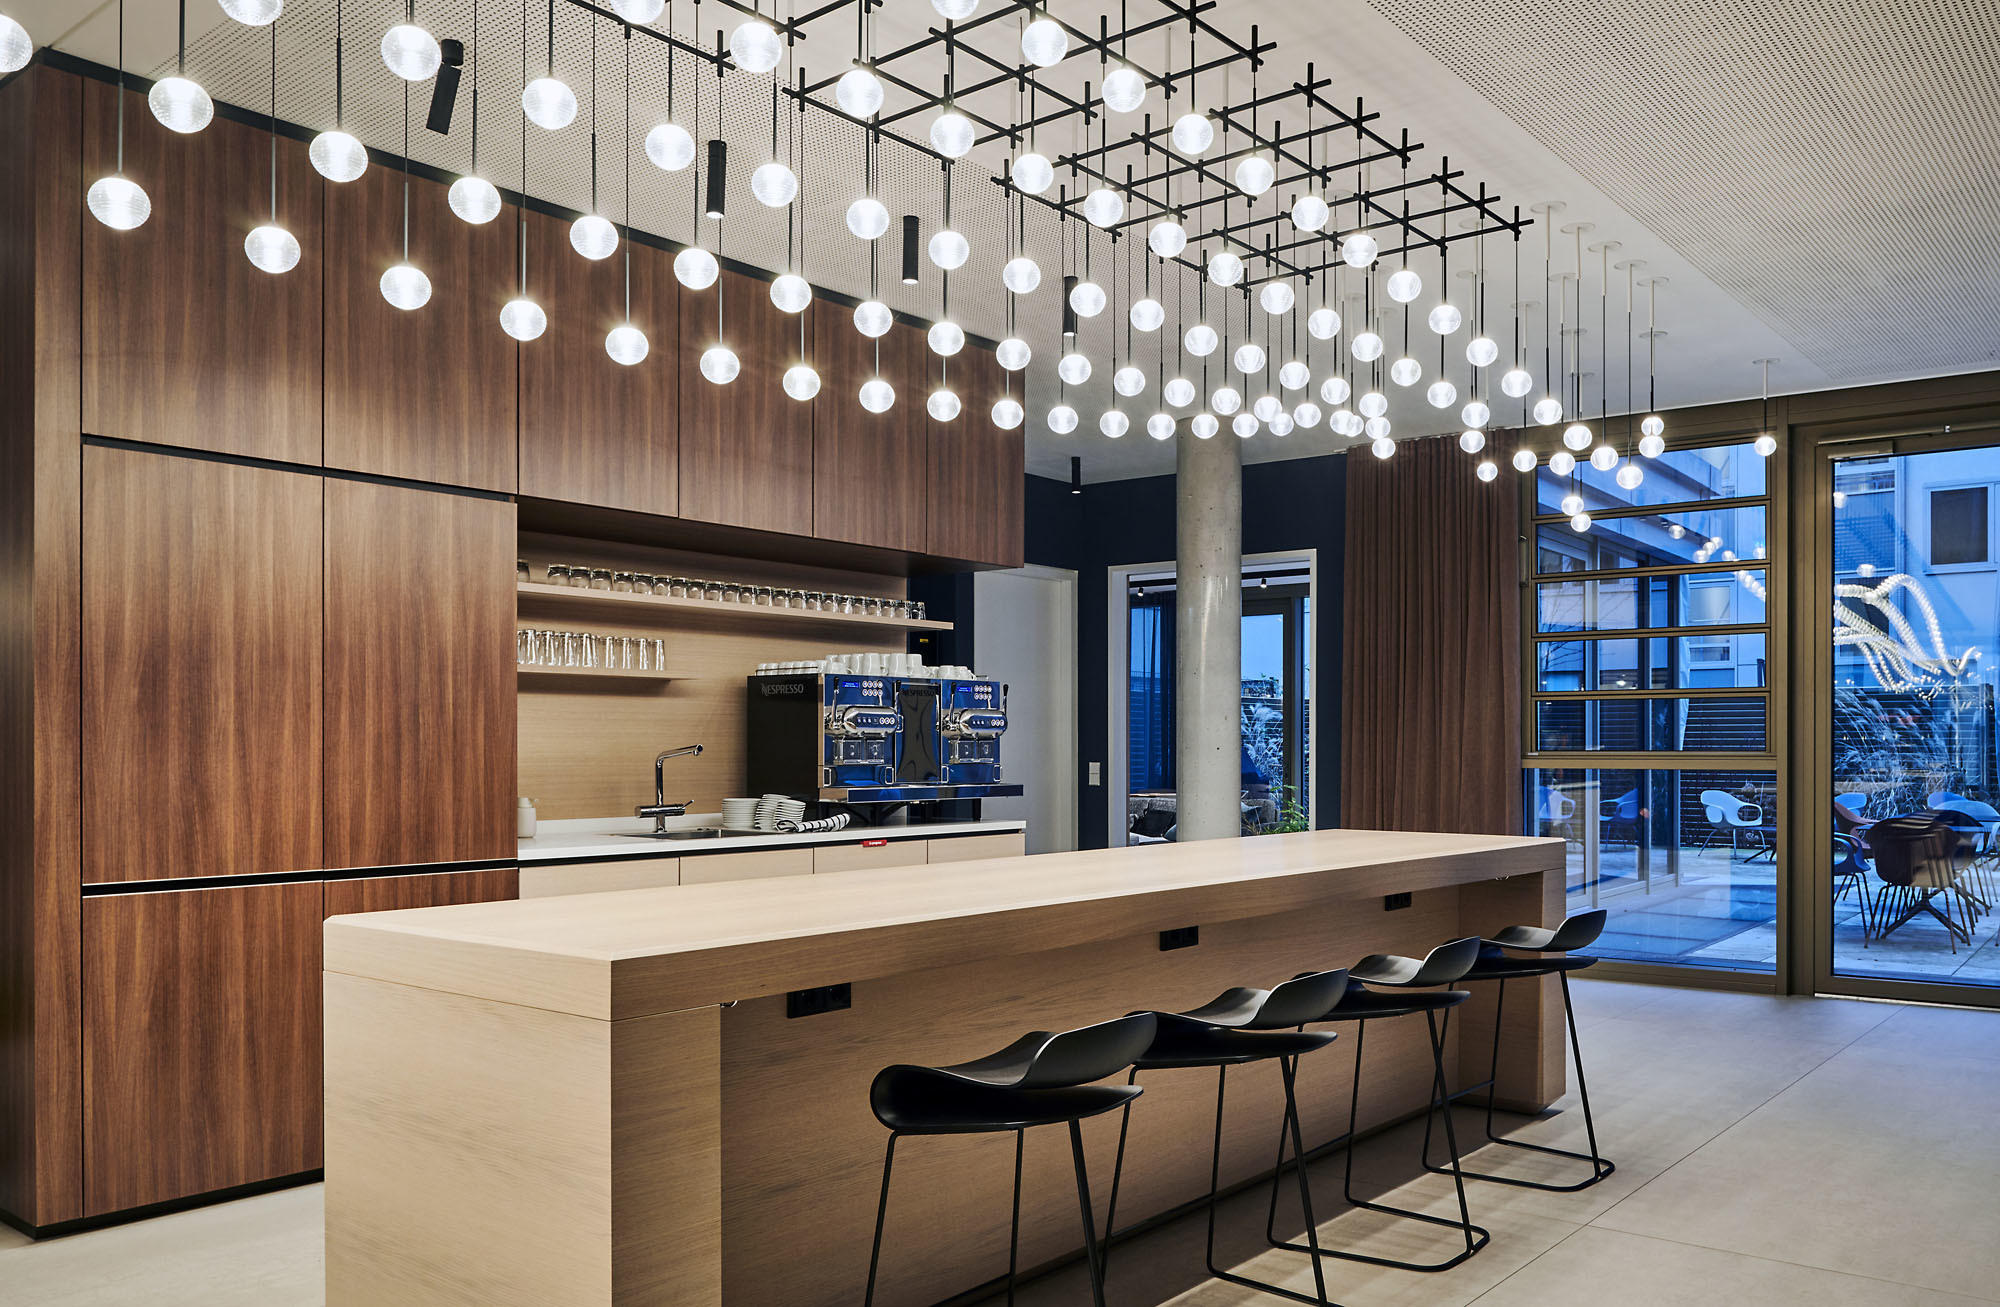 Als Ensemble bildendie Leuchtkugeln eine stilisierte Helix, die sich in dynamischer Drehung von der Eingangstür in den hinteren Teil des Gebäudes windet.